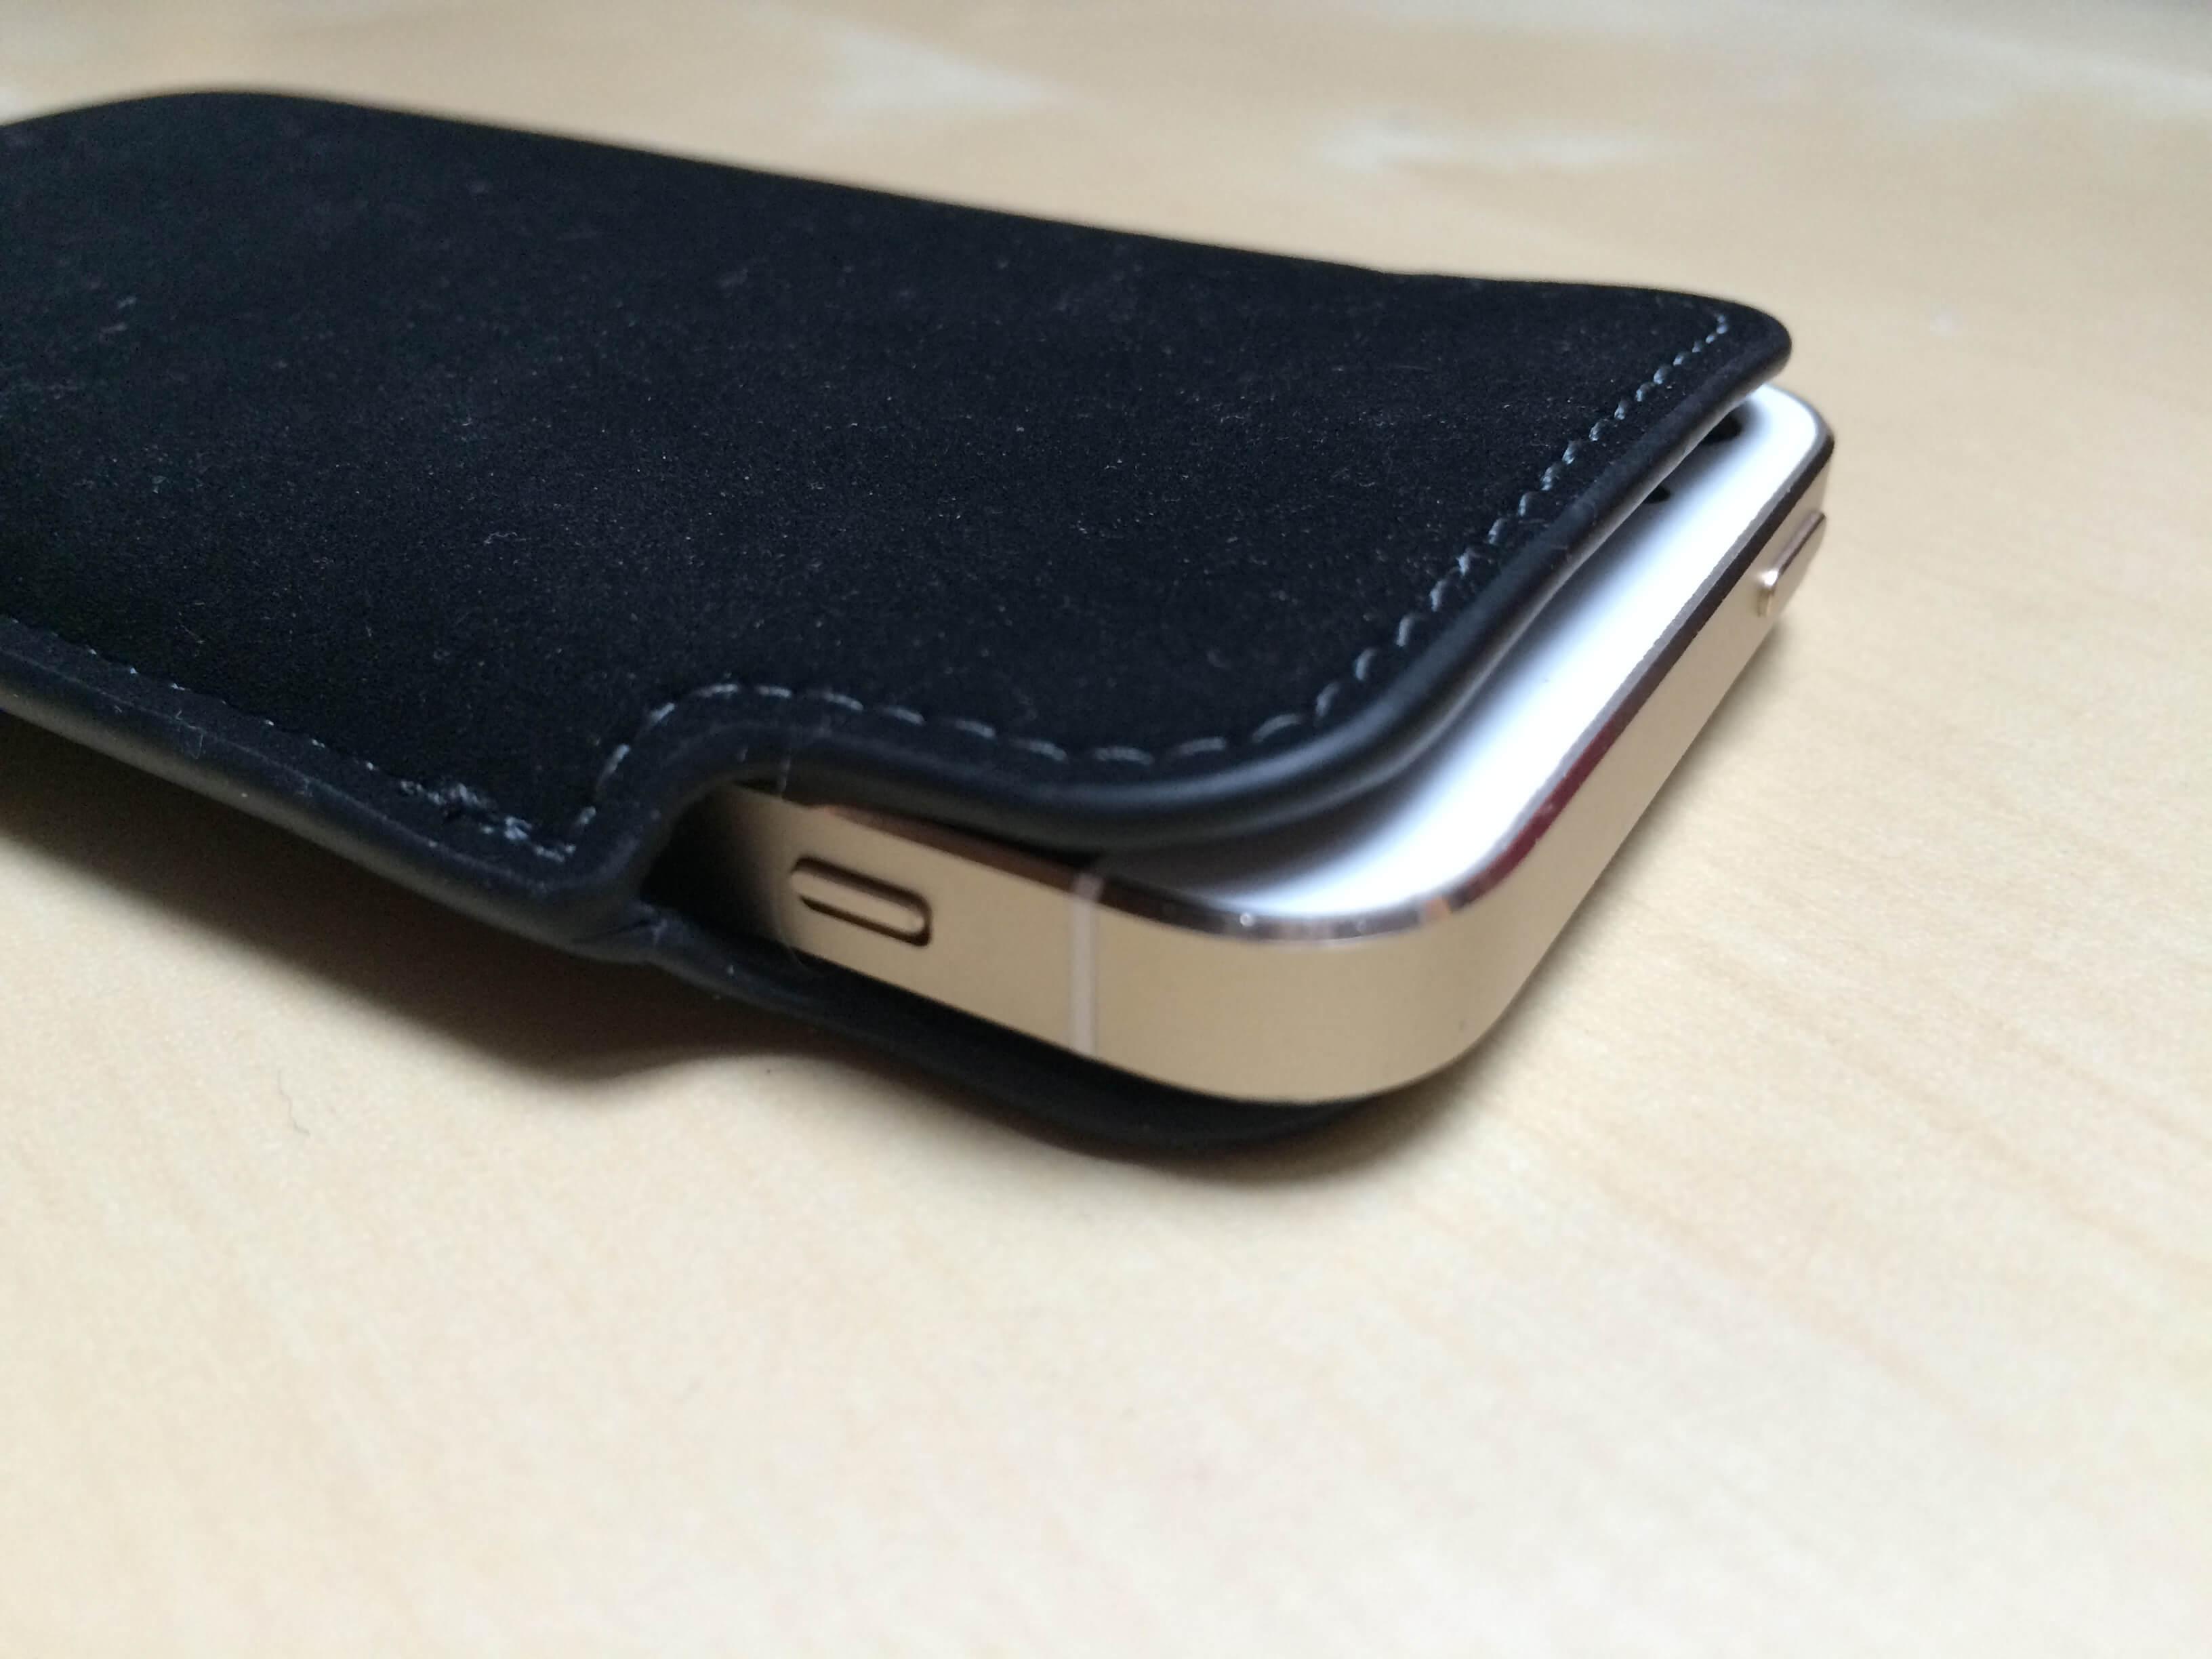 STINNS Velouté Series Designer Case für das iPhone im Test 2